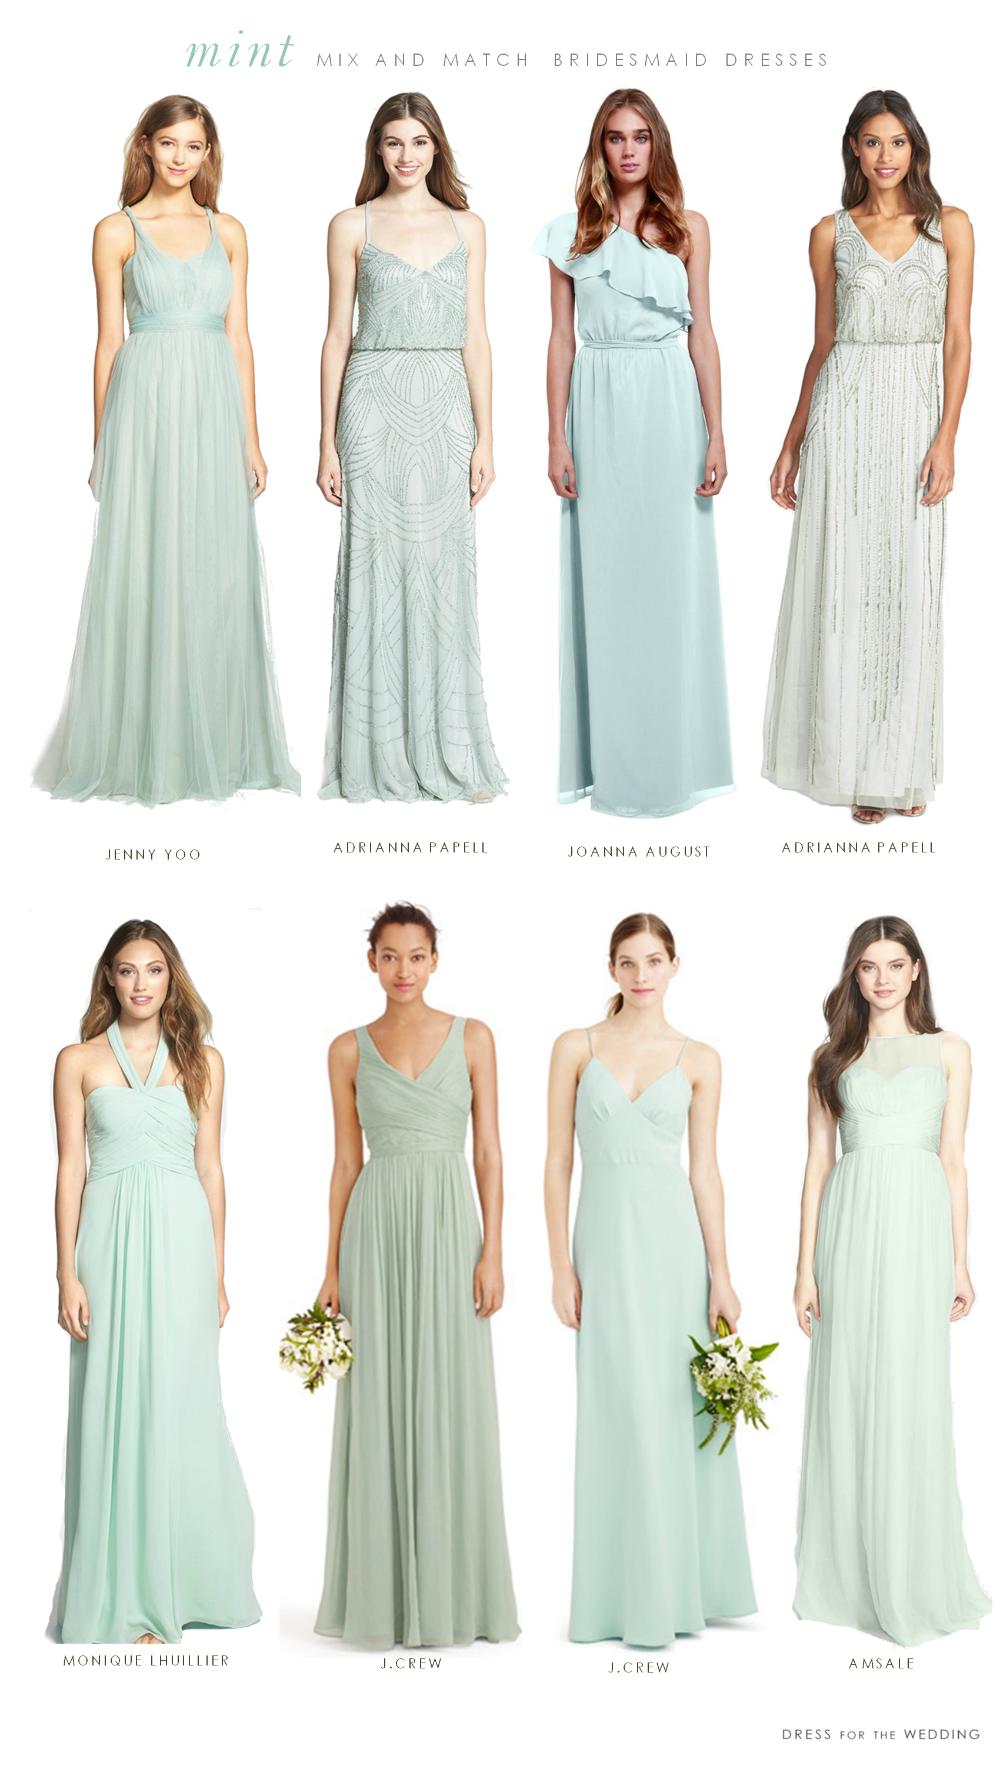 Mint Mismatched Bridesmaid Dresses | Brautjungfernkleider und Kleider